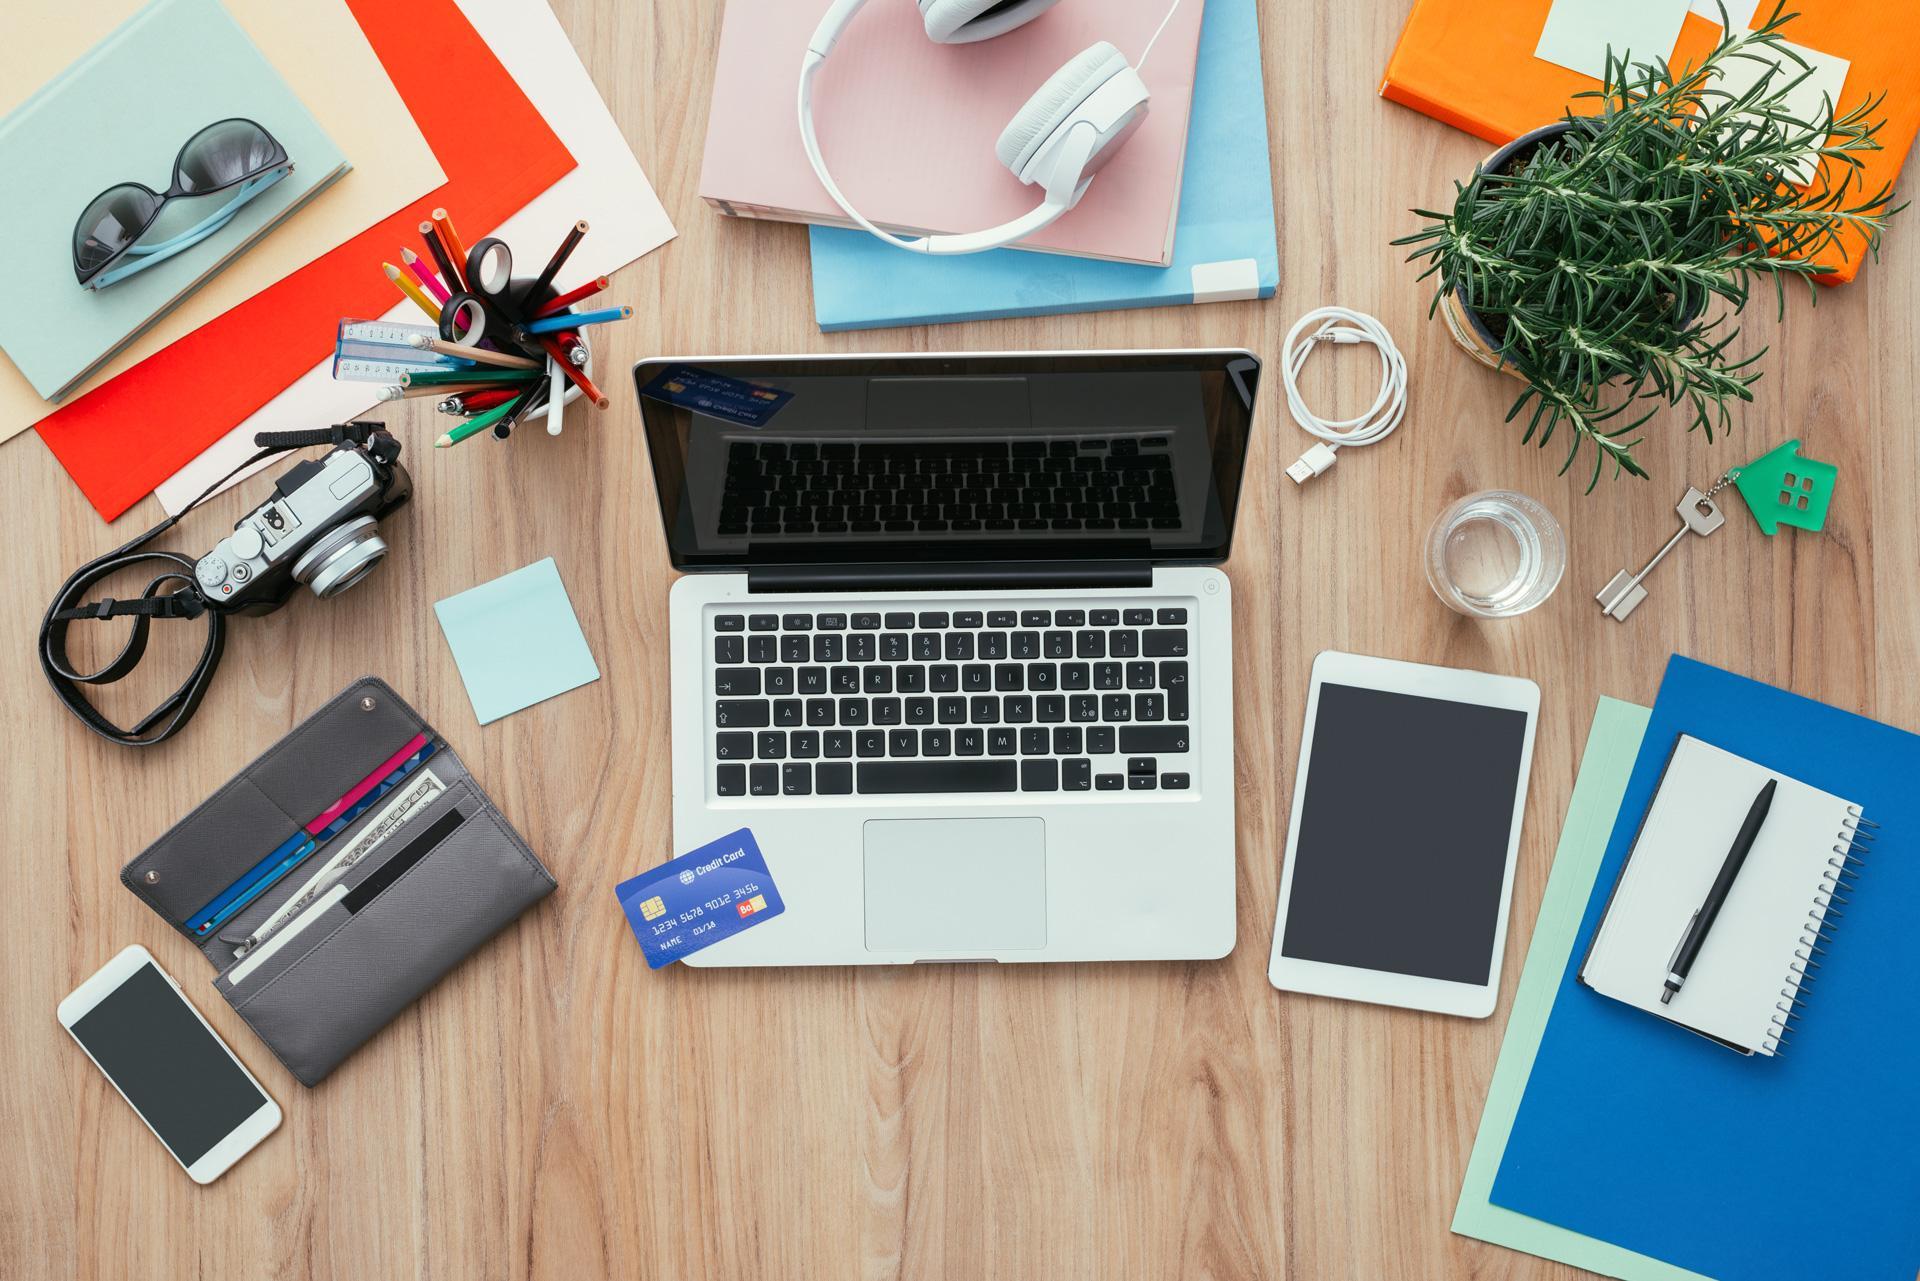 Dijital Pazarlama Çeşitleri Nelerdir?